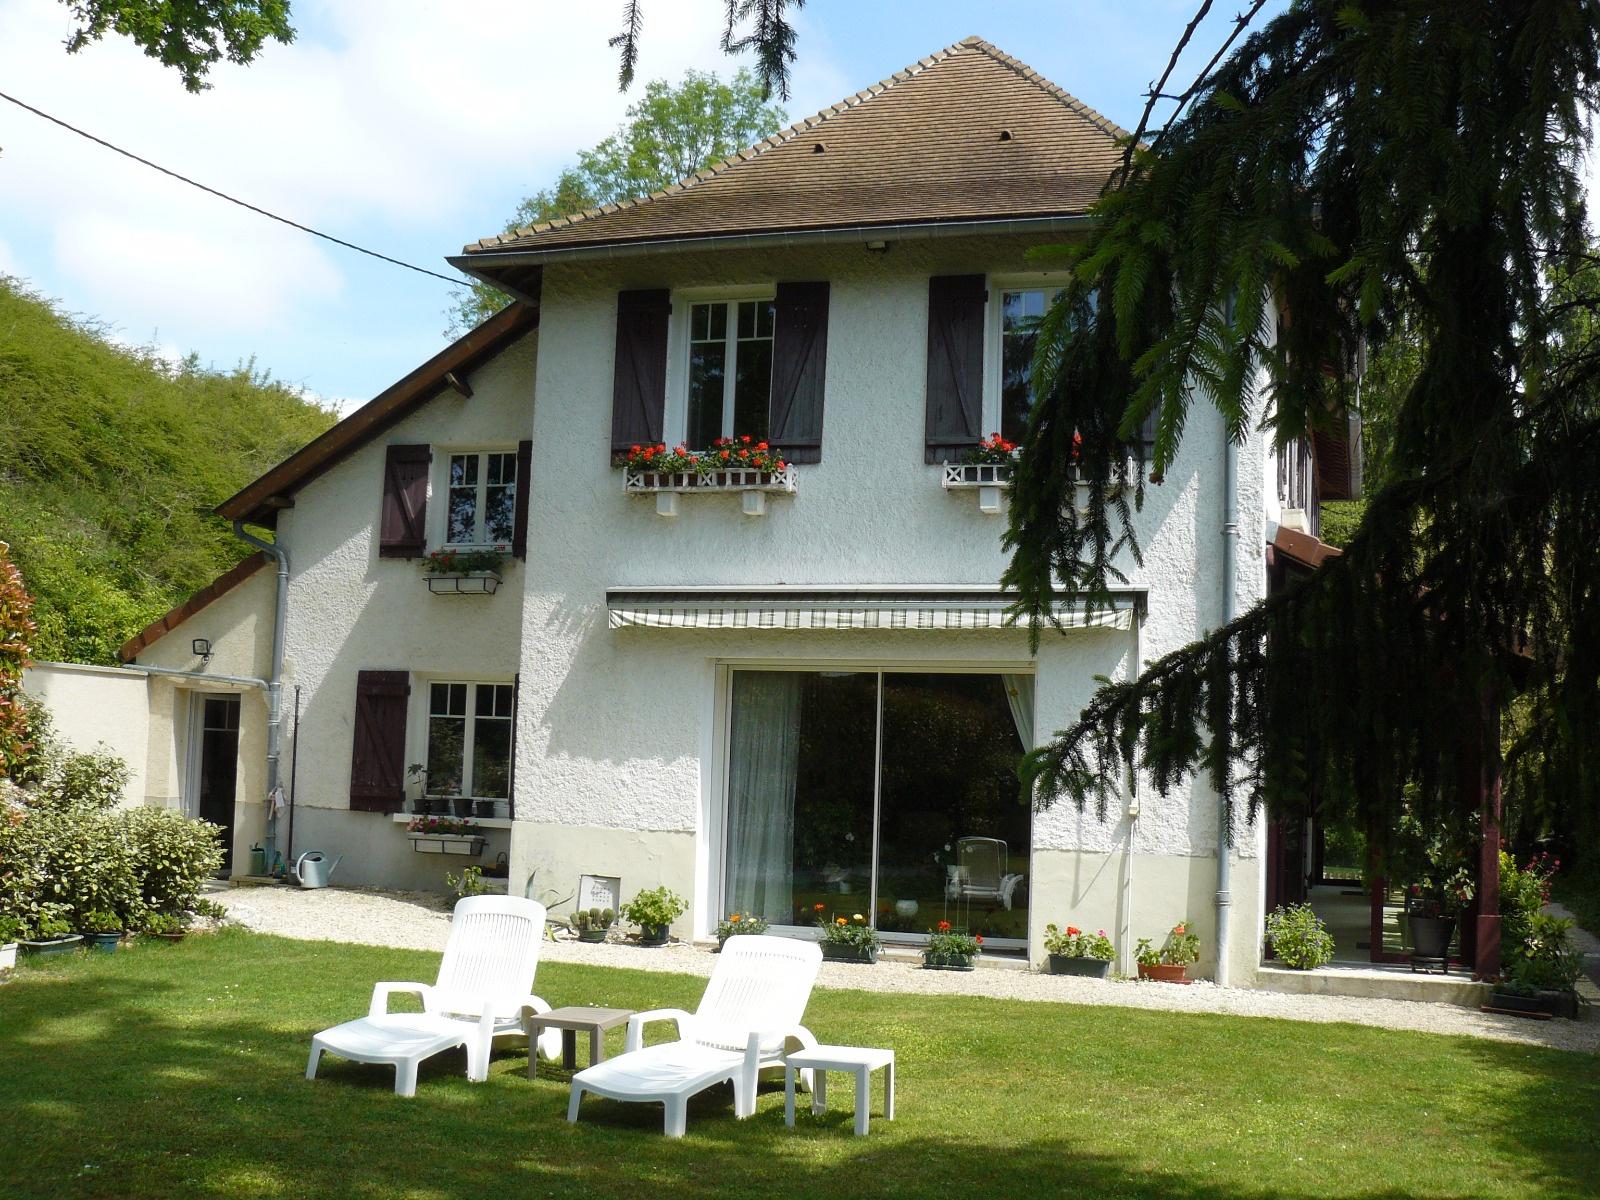 Vente maison bourgeoise aux portes de reims for Maison guignicourt